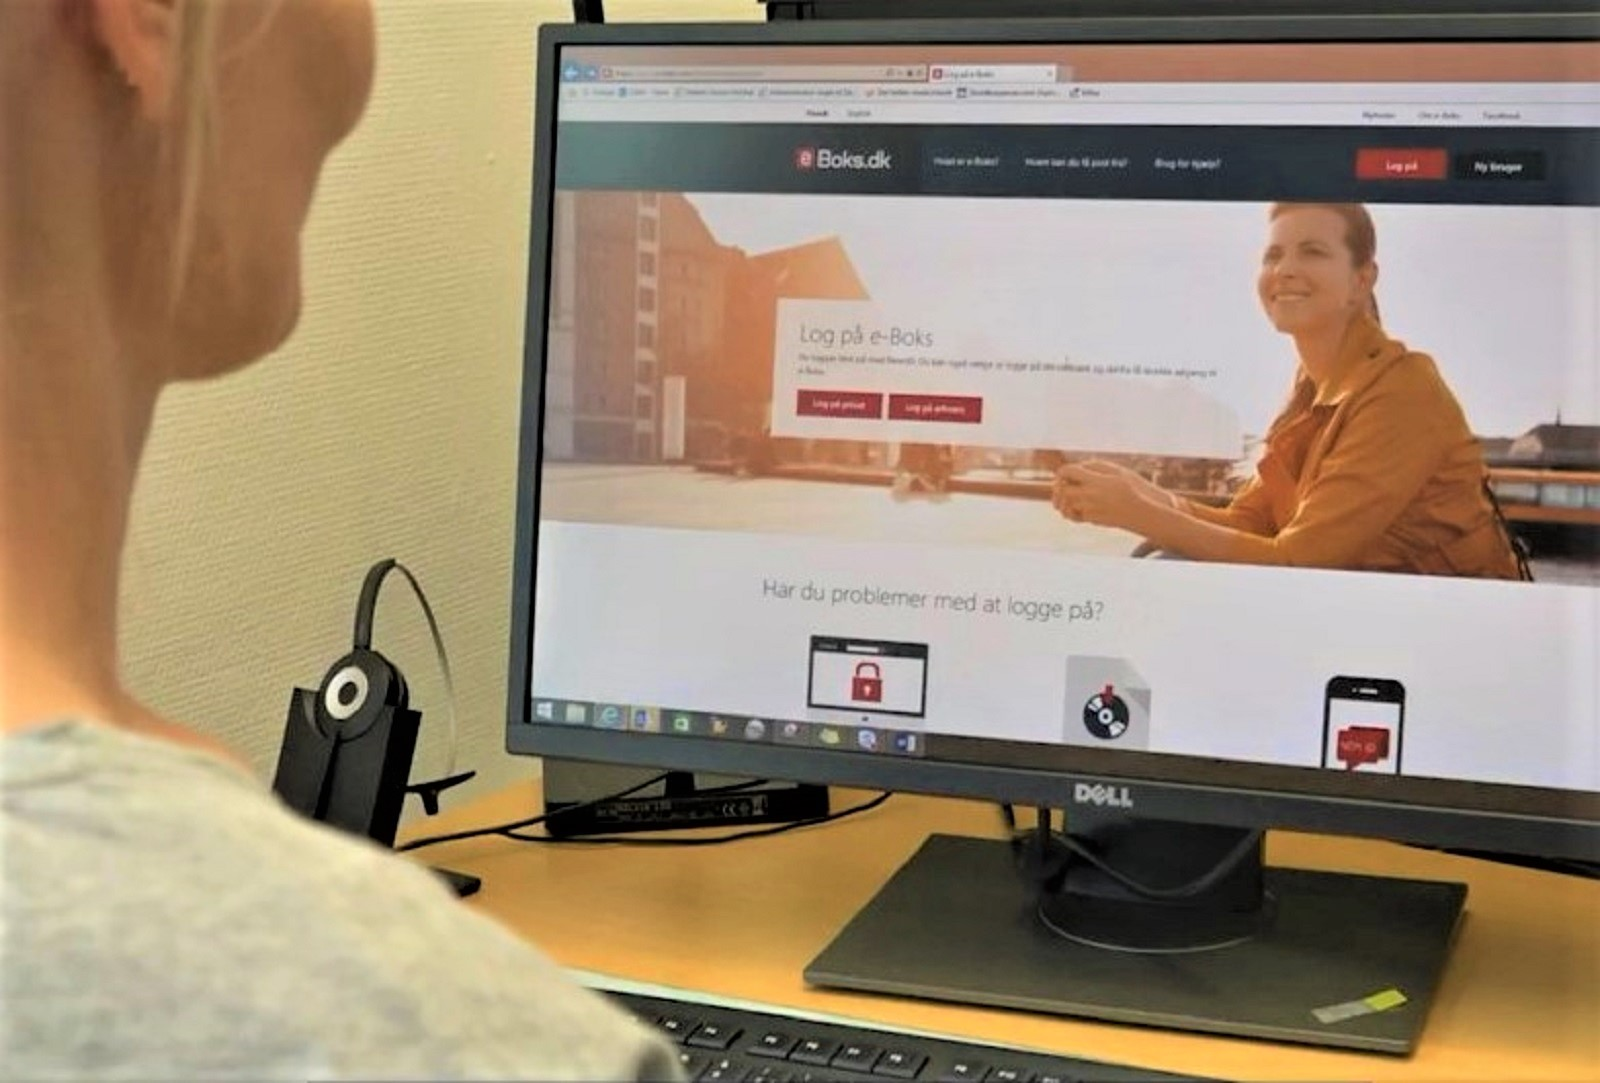 Billede af computerskærm med e-Boks